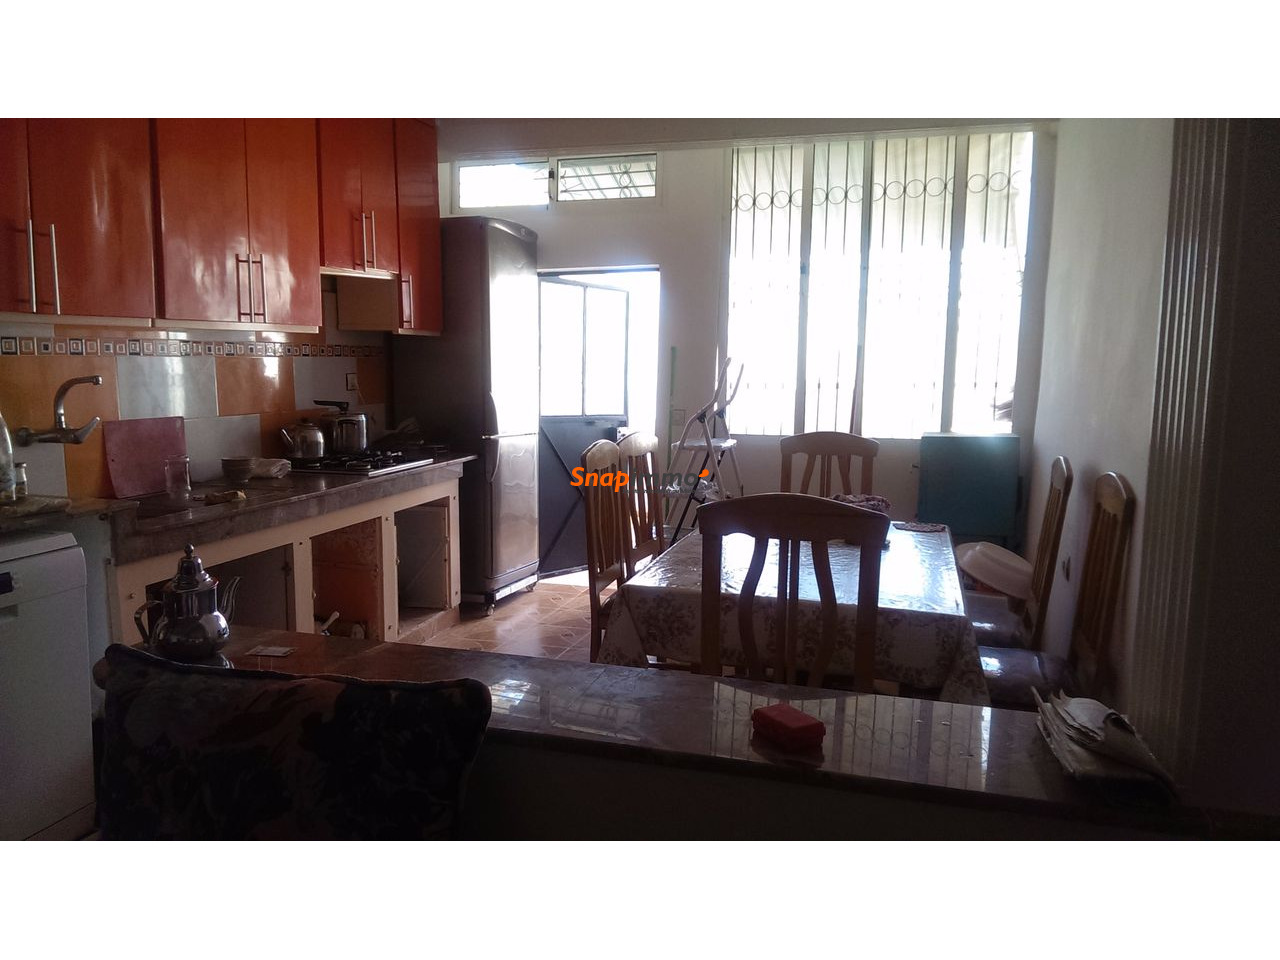 Appartement meublé pour colocation 2 à 4 pers. -secteur Alazhar - 2/3